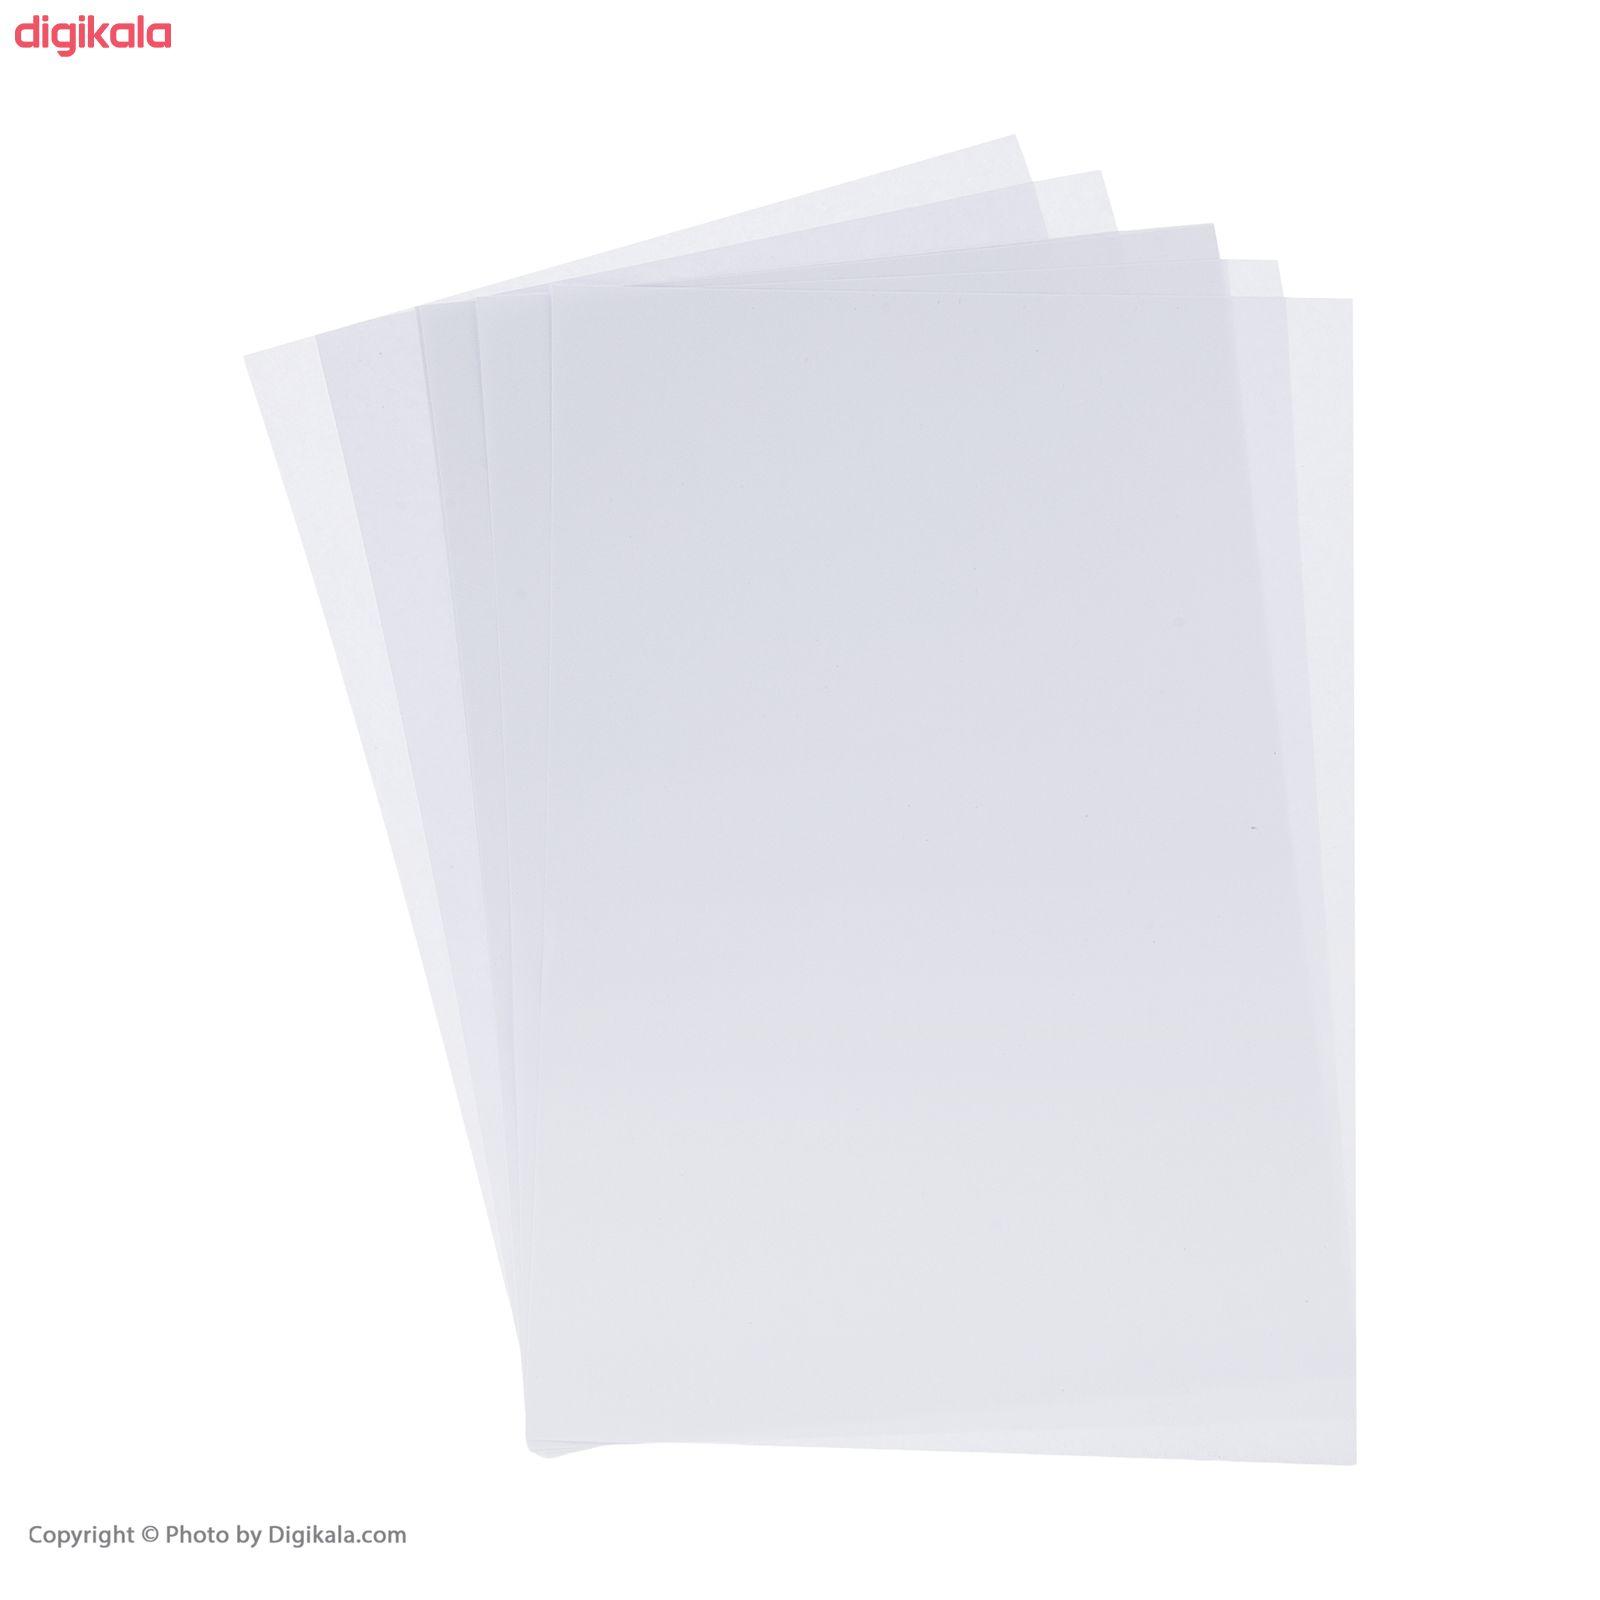 کاغذ A4 فولیو پرایم مدل +A بسته 500 عددی main 1 3